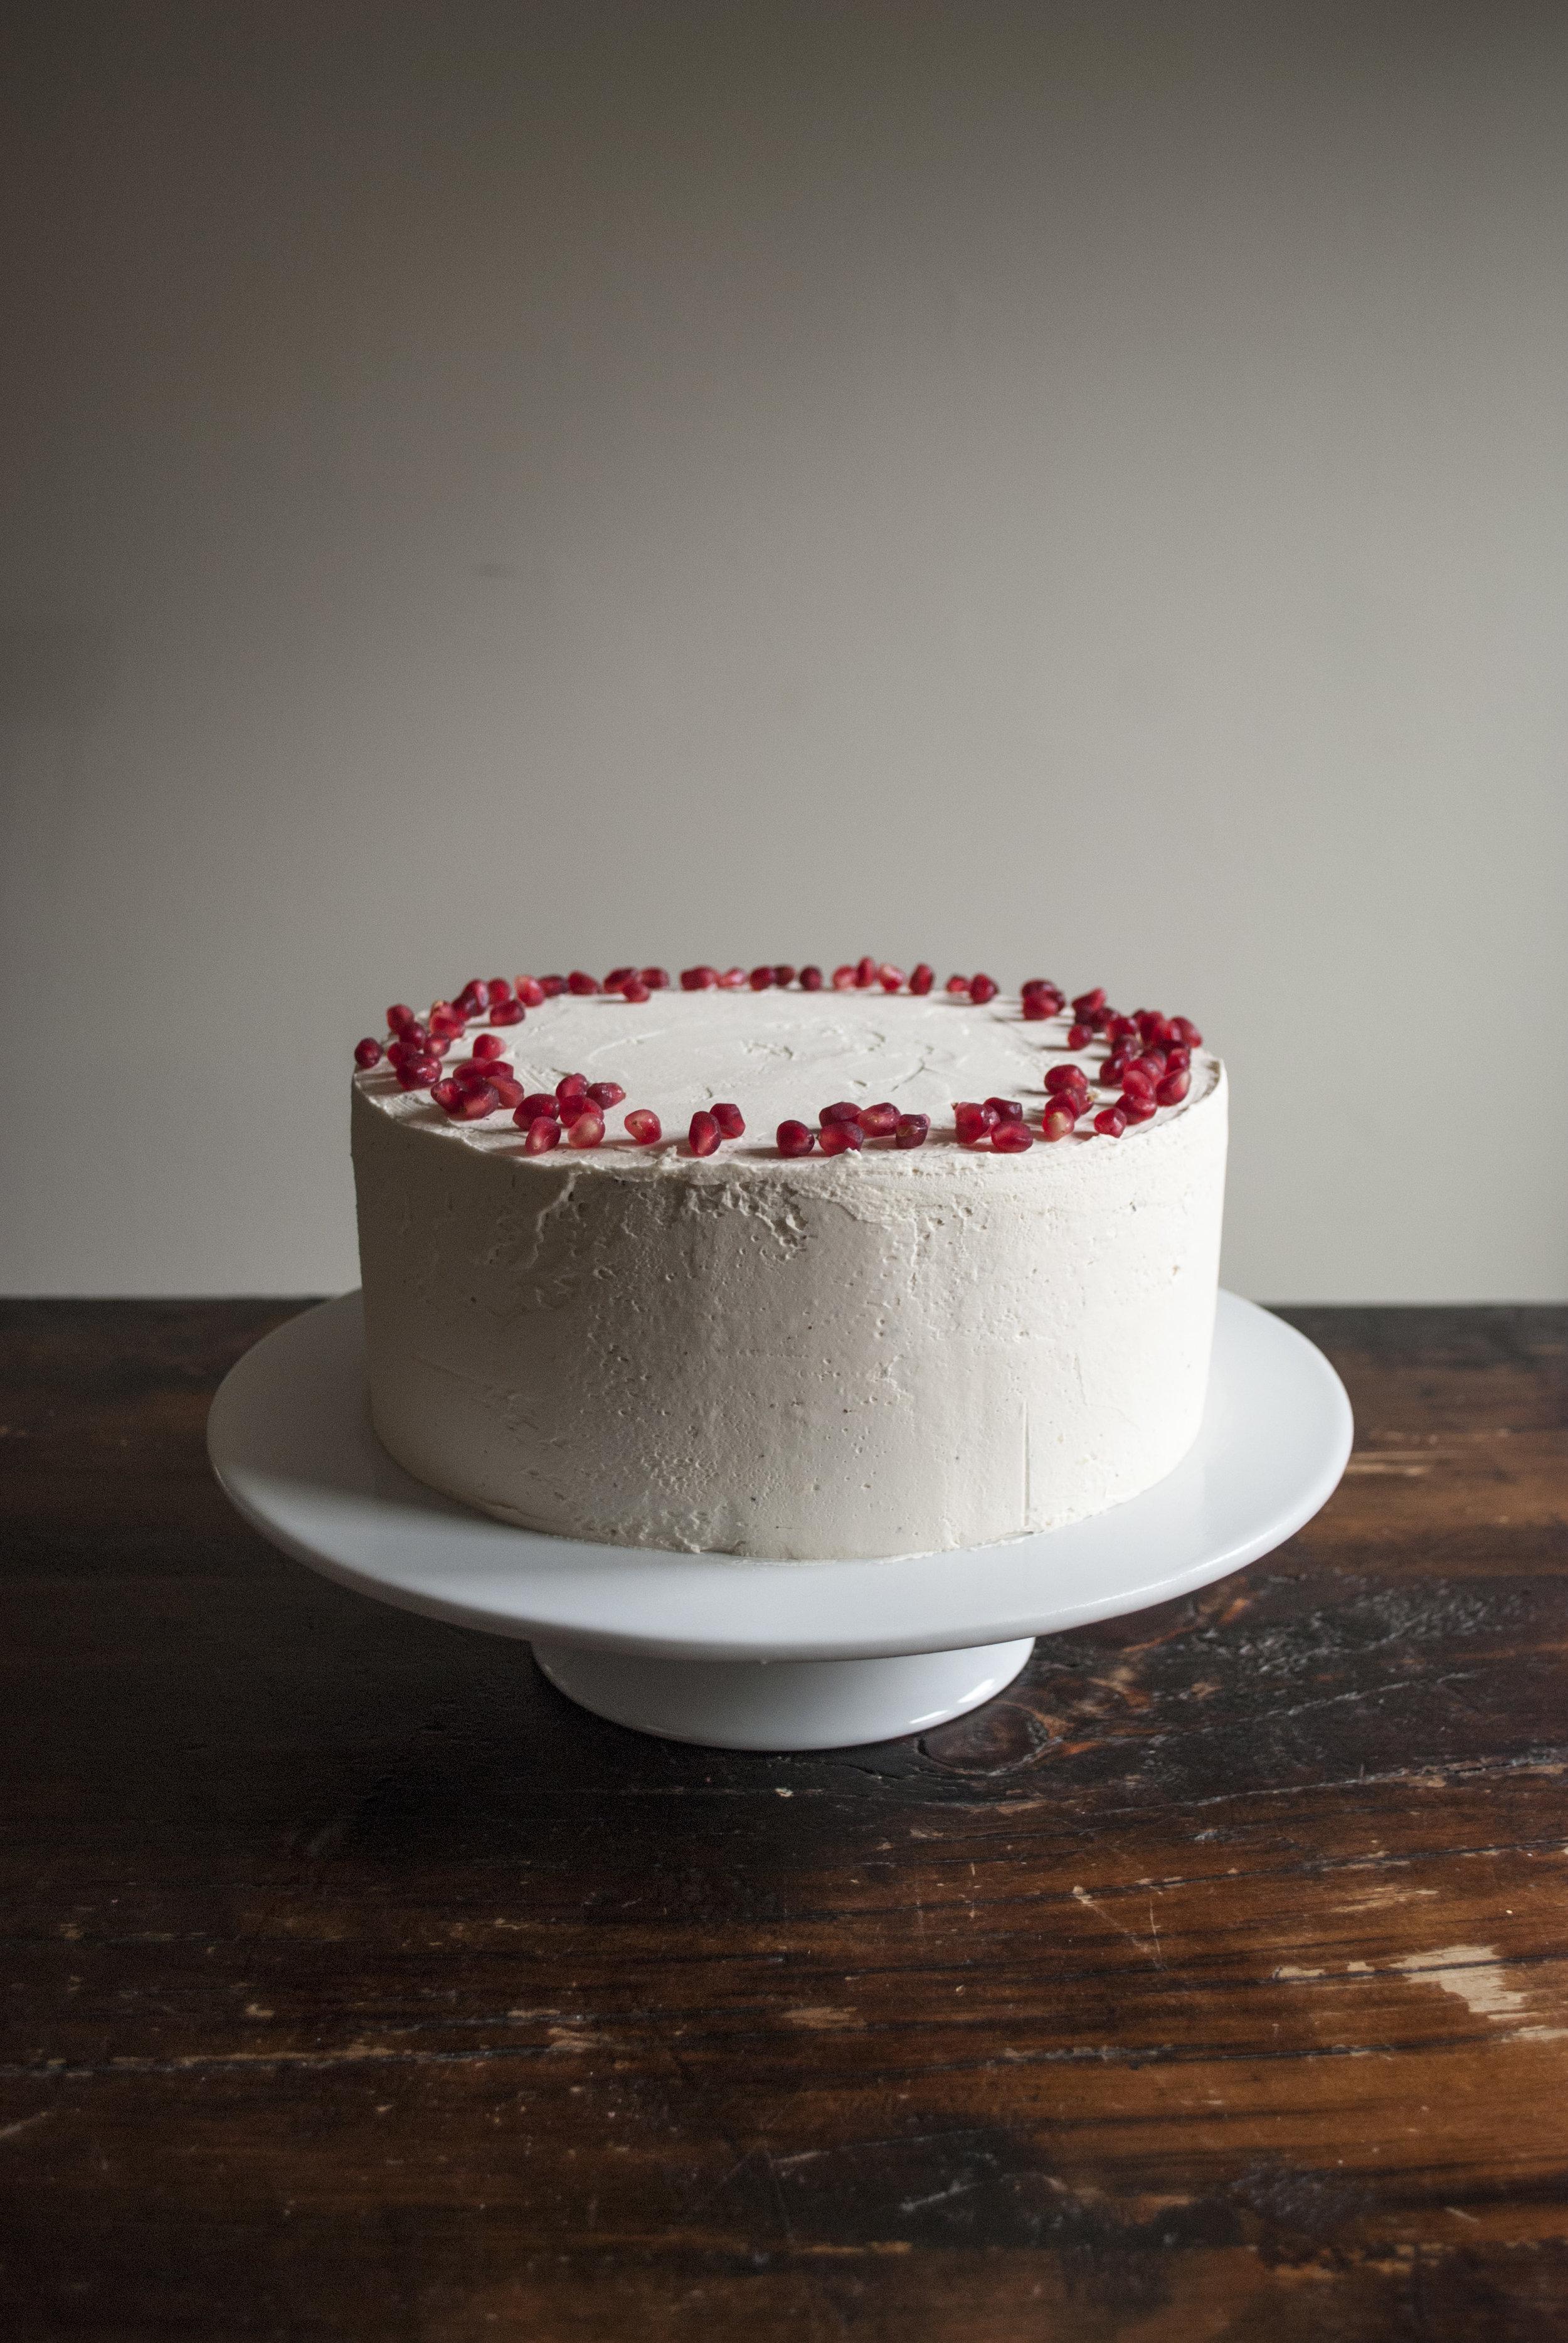 choc-pom cake.jpg